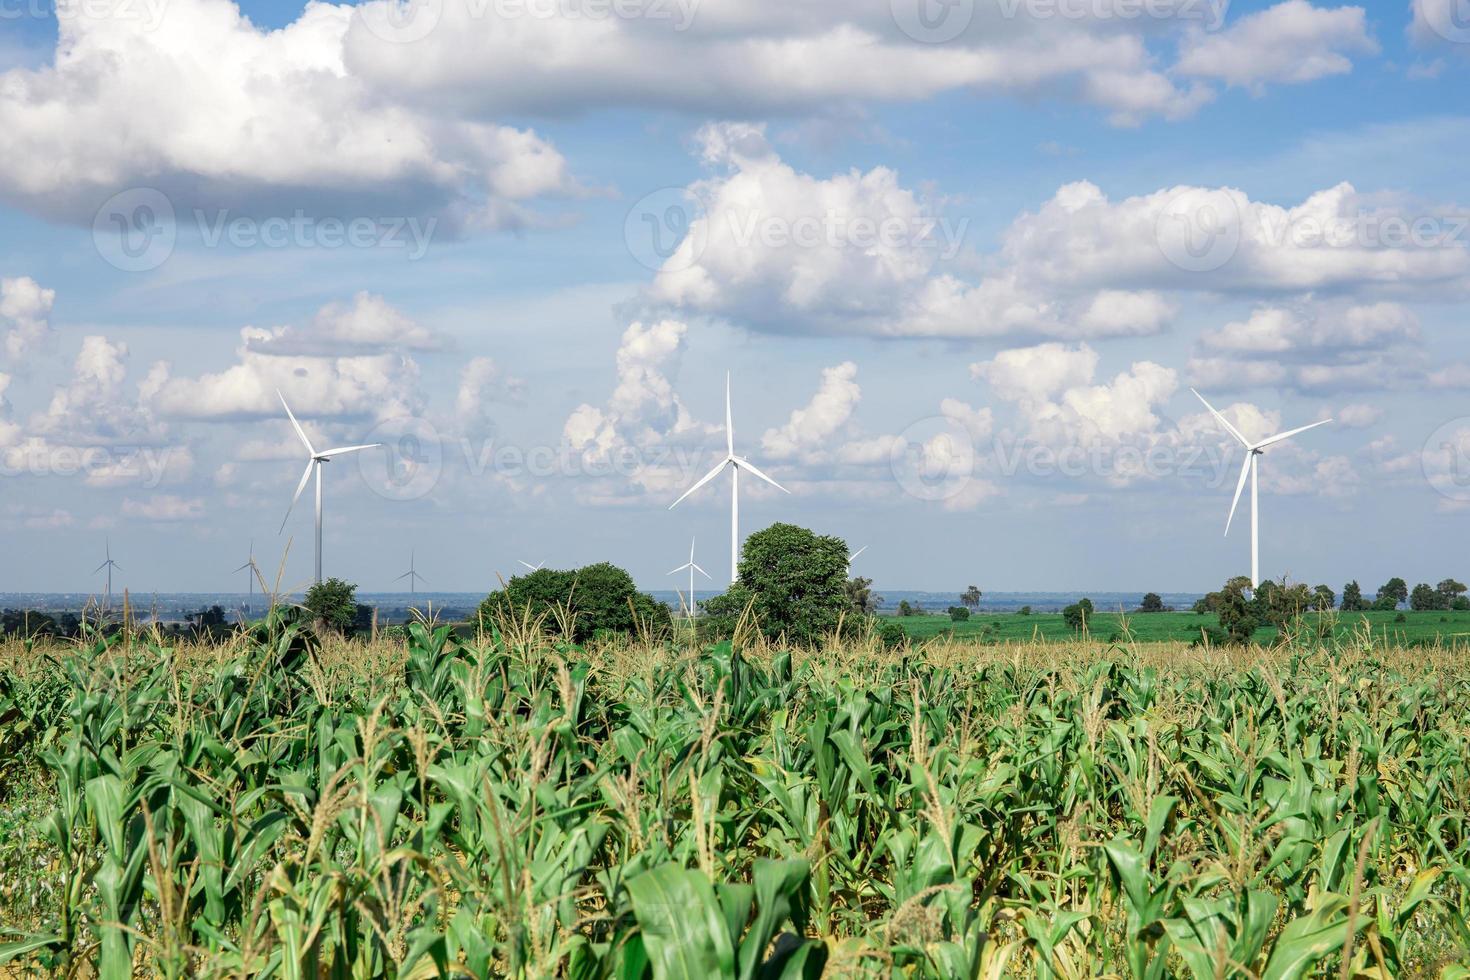 Windkraftanlage für alternative Energie auf Hintergrundhimmel auf Maniok foto